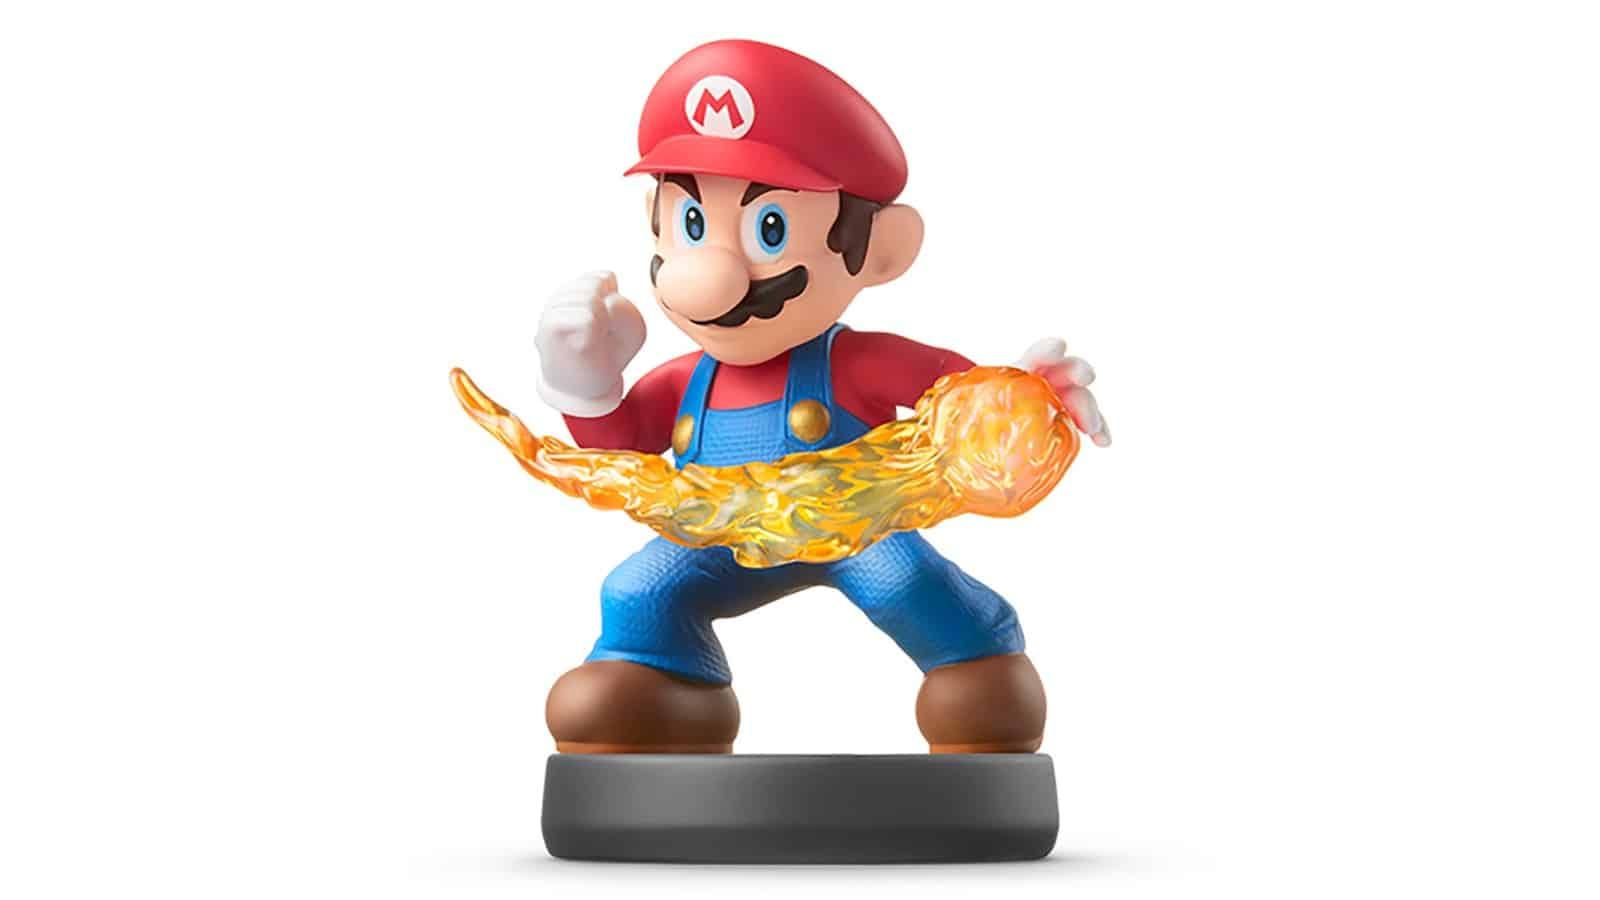 אמיבו - Mario (סדרת Super Smash Bros.)